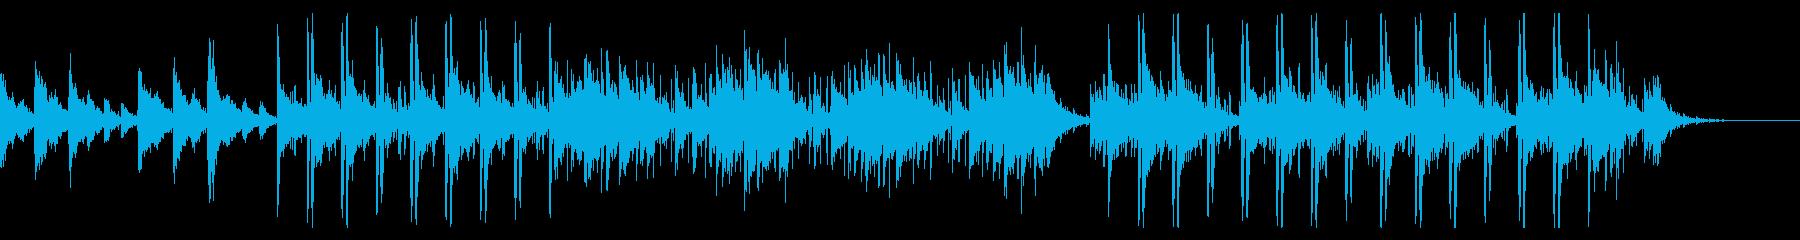 コズミックで切ないチルウェイブの再生済みの波形